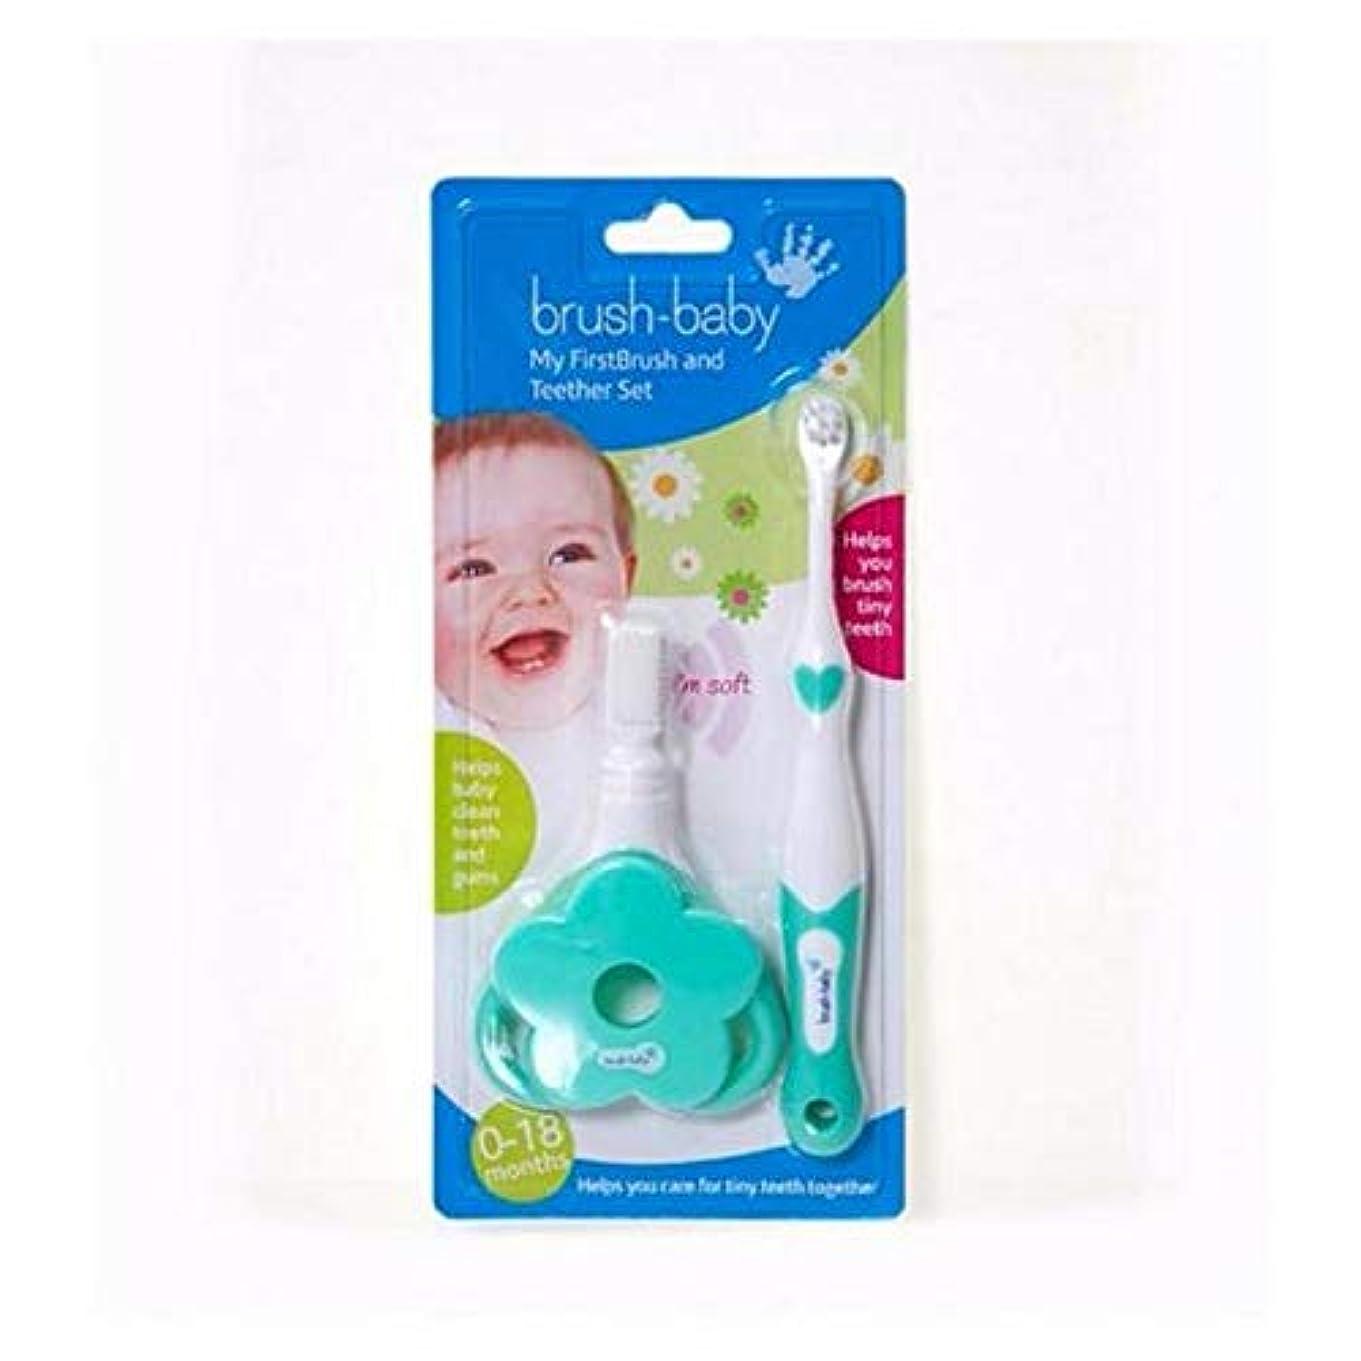 シャッフル悪質な暴力[Brush-Baby ] ブラシ赤ちゃんが私のFirstbrush&おしゃぶりはパックごとに2を設定します - Brush-Baby My FirstBrush & Teether Set 2 per pack [並行輸入品]